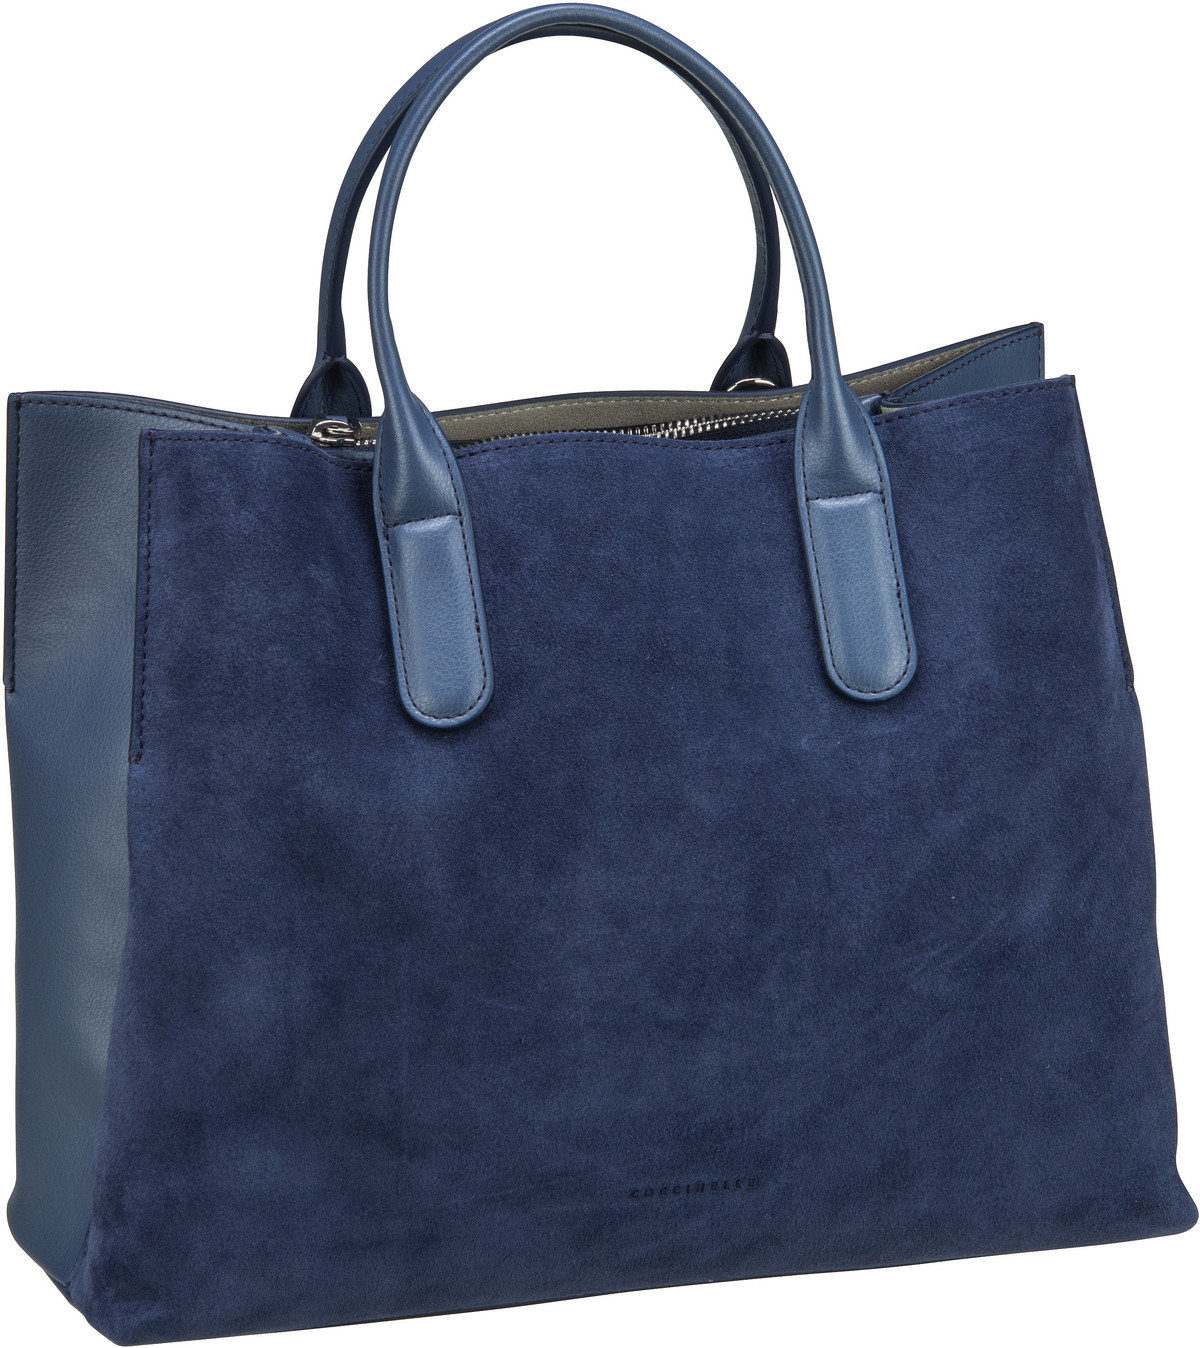 Handtasche Sandy Bimaterial 1801 Ink